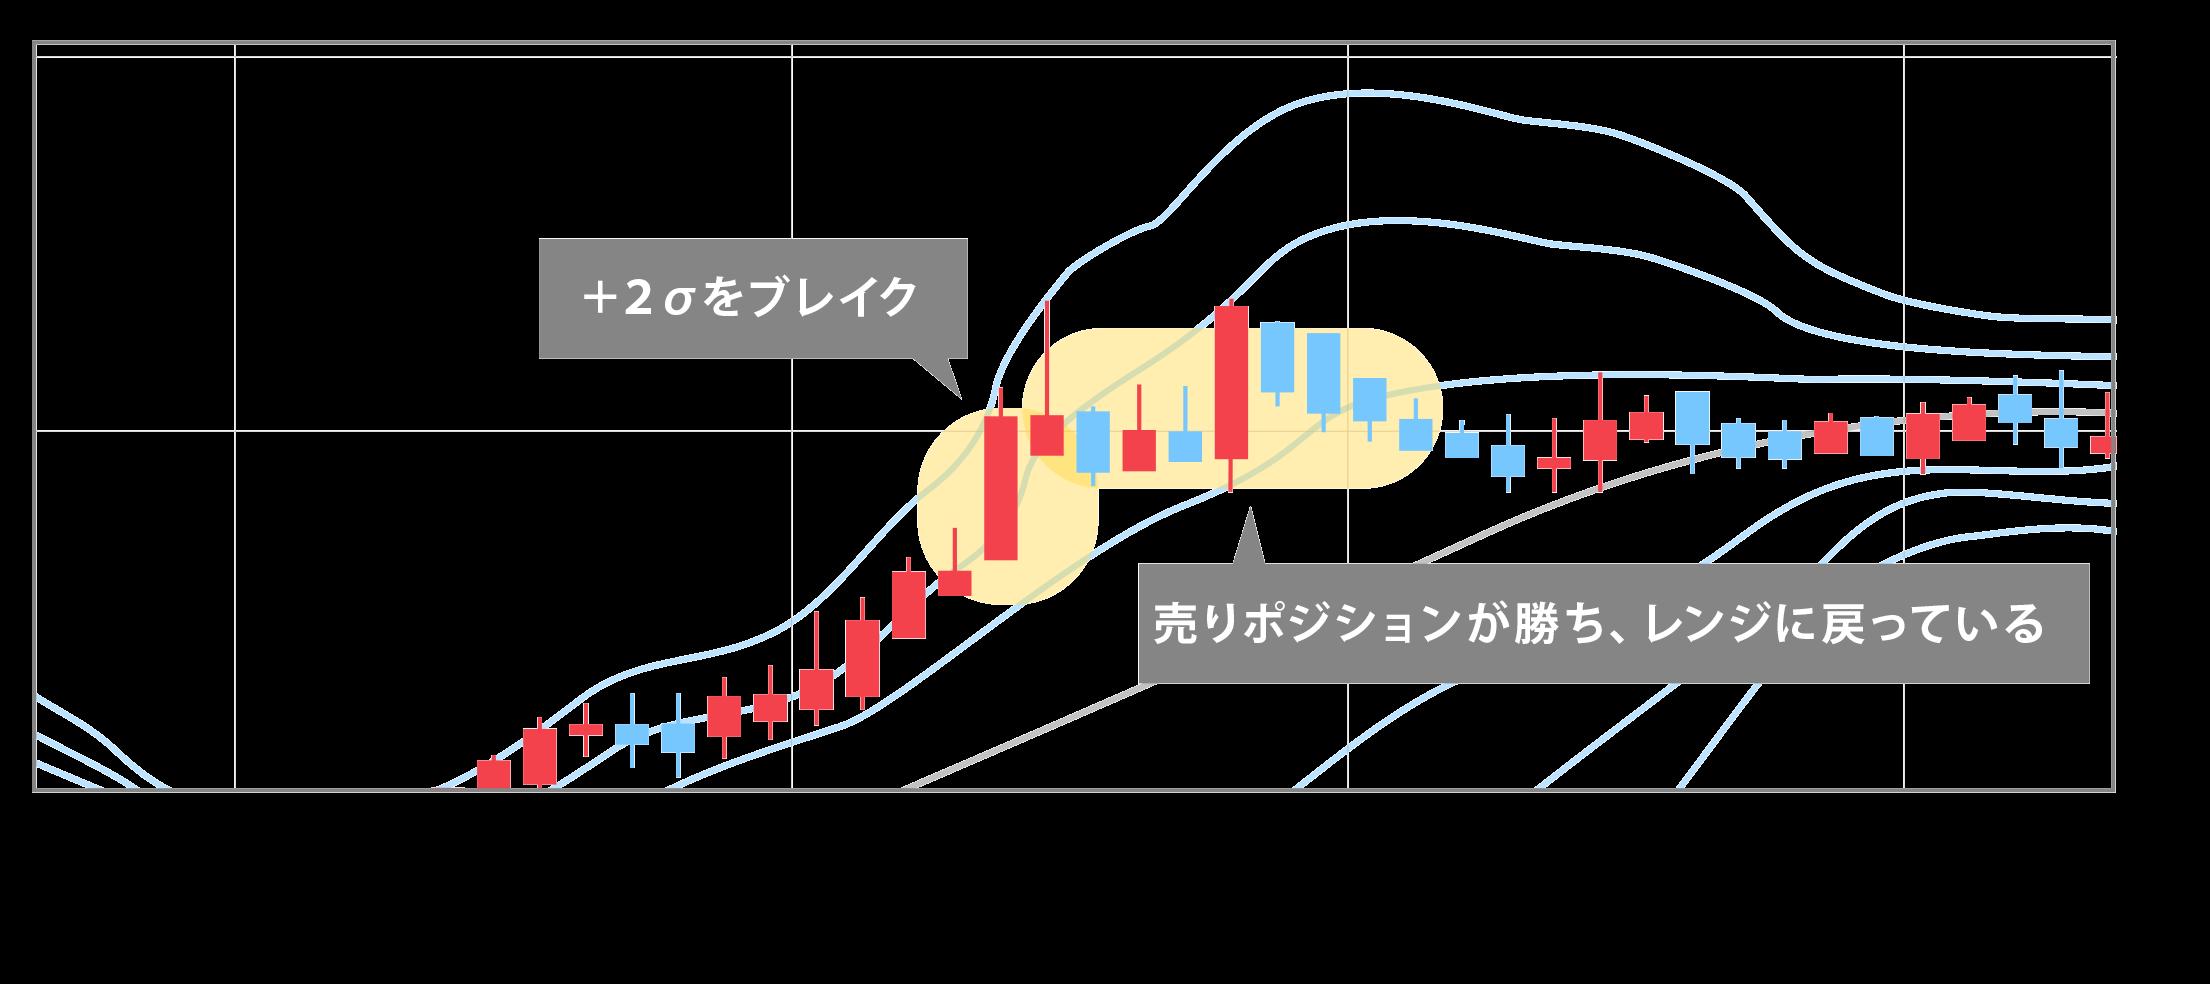 価格が±2σから外れてトレンド転換にみえるが、レンジに戻るチャート